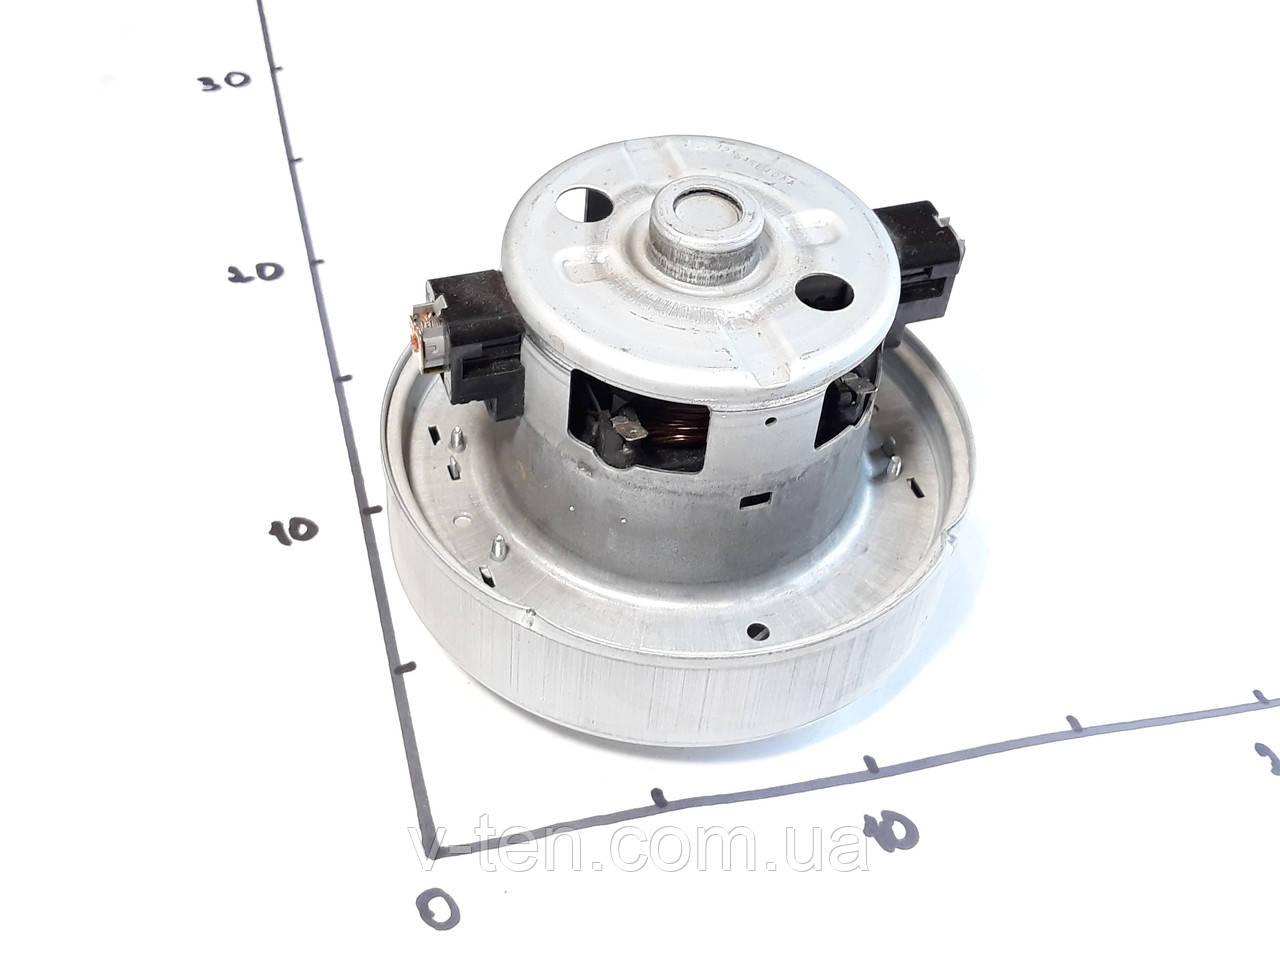 Електродвигун для пилососа 1550W (К50АА)